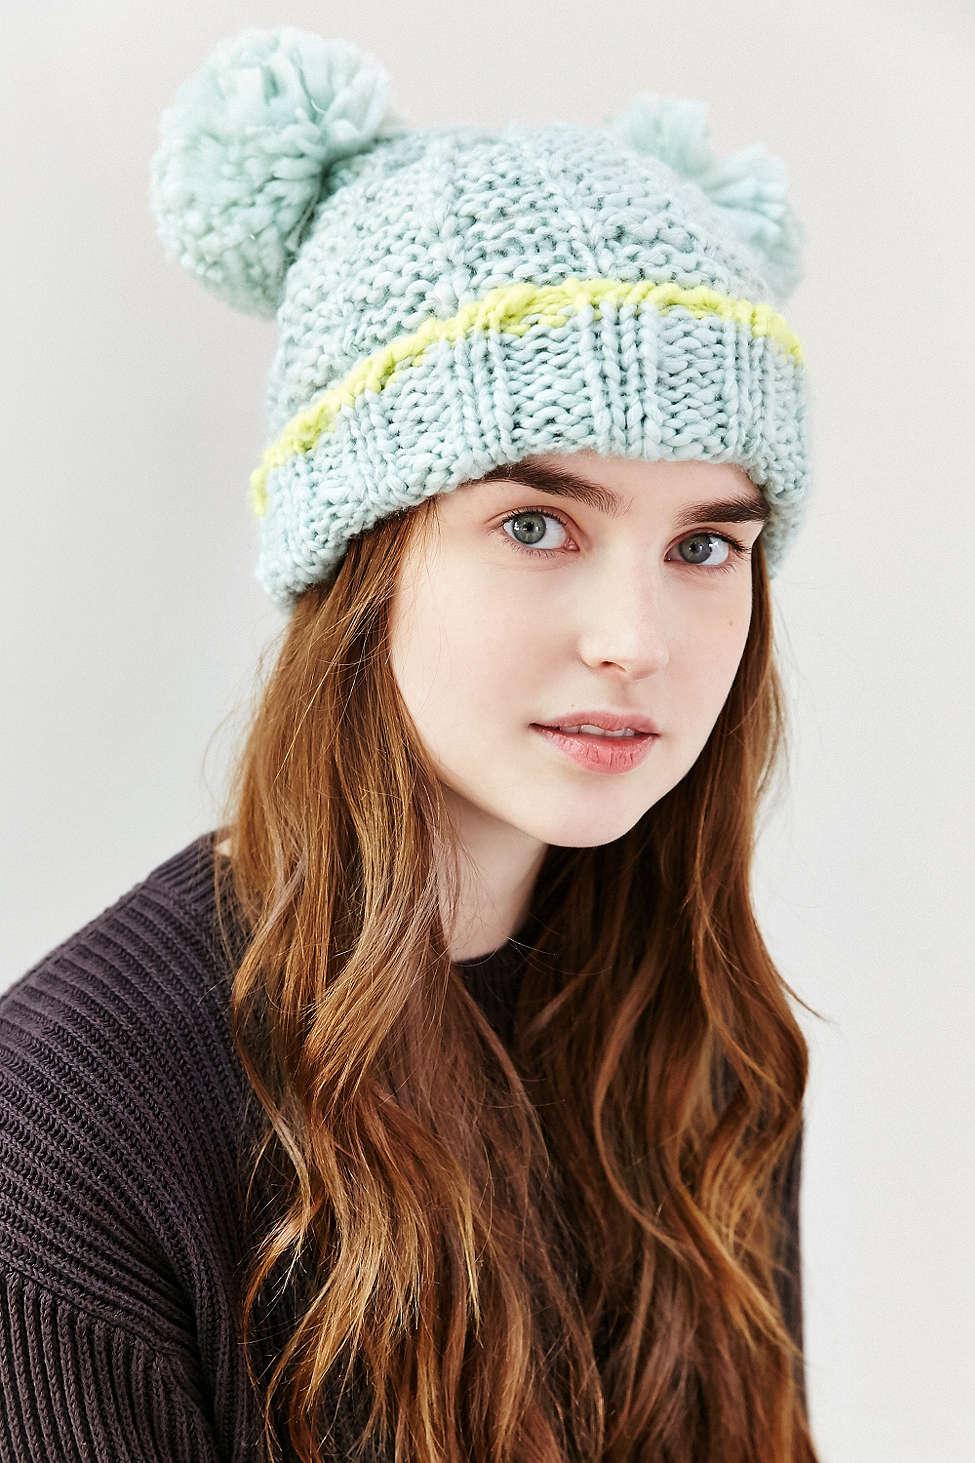 秋冬可愛毛帽已經推出了!今年的流行是在帽子上加上耳朵!